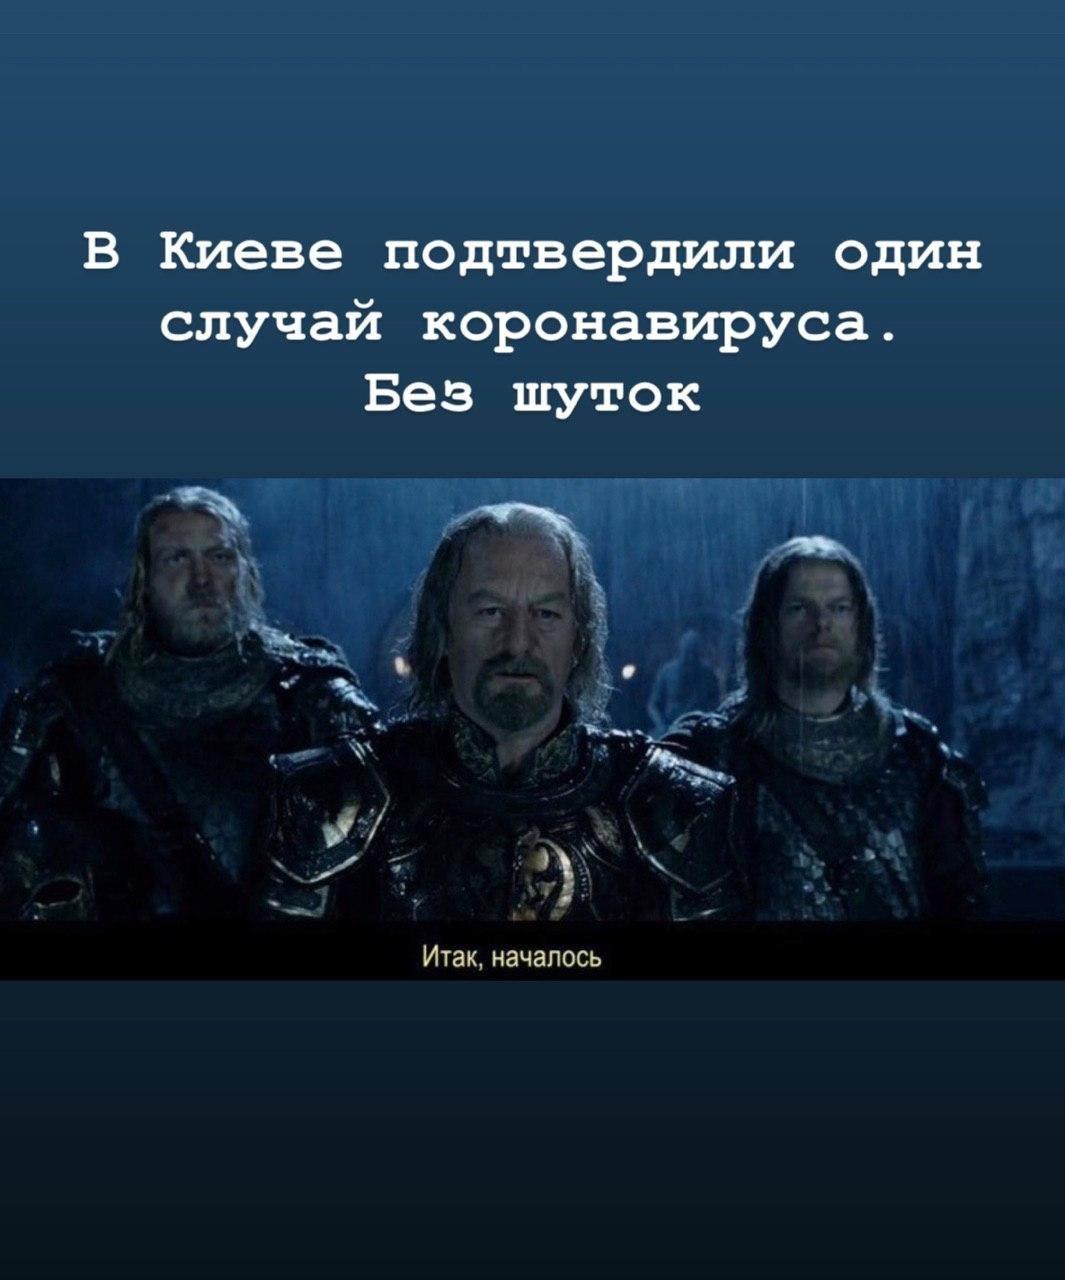 Нікополь і Покров: оголошено карантин!